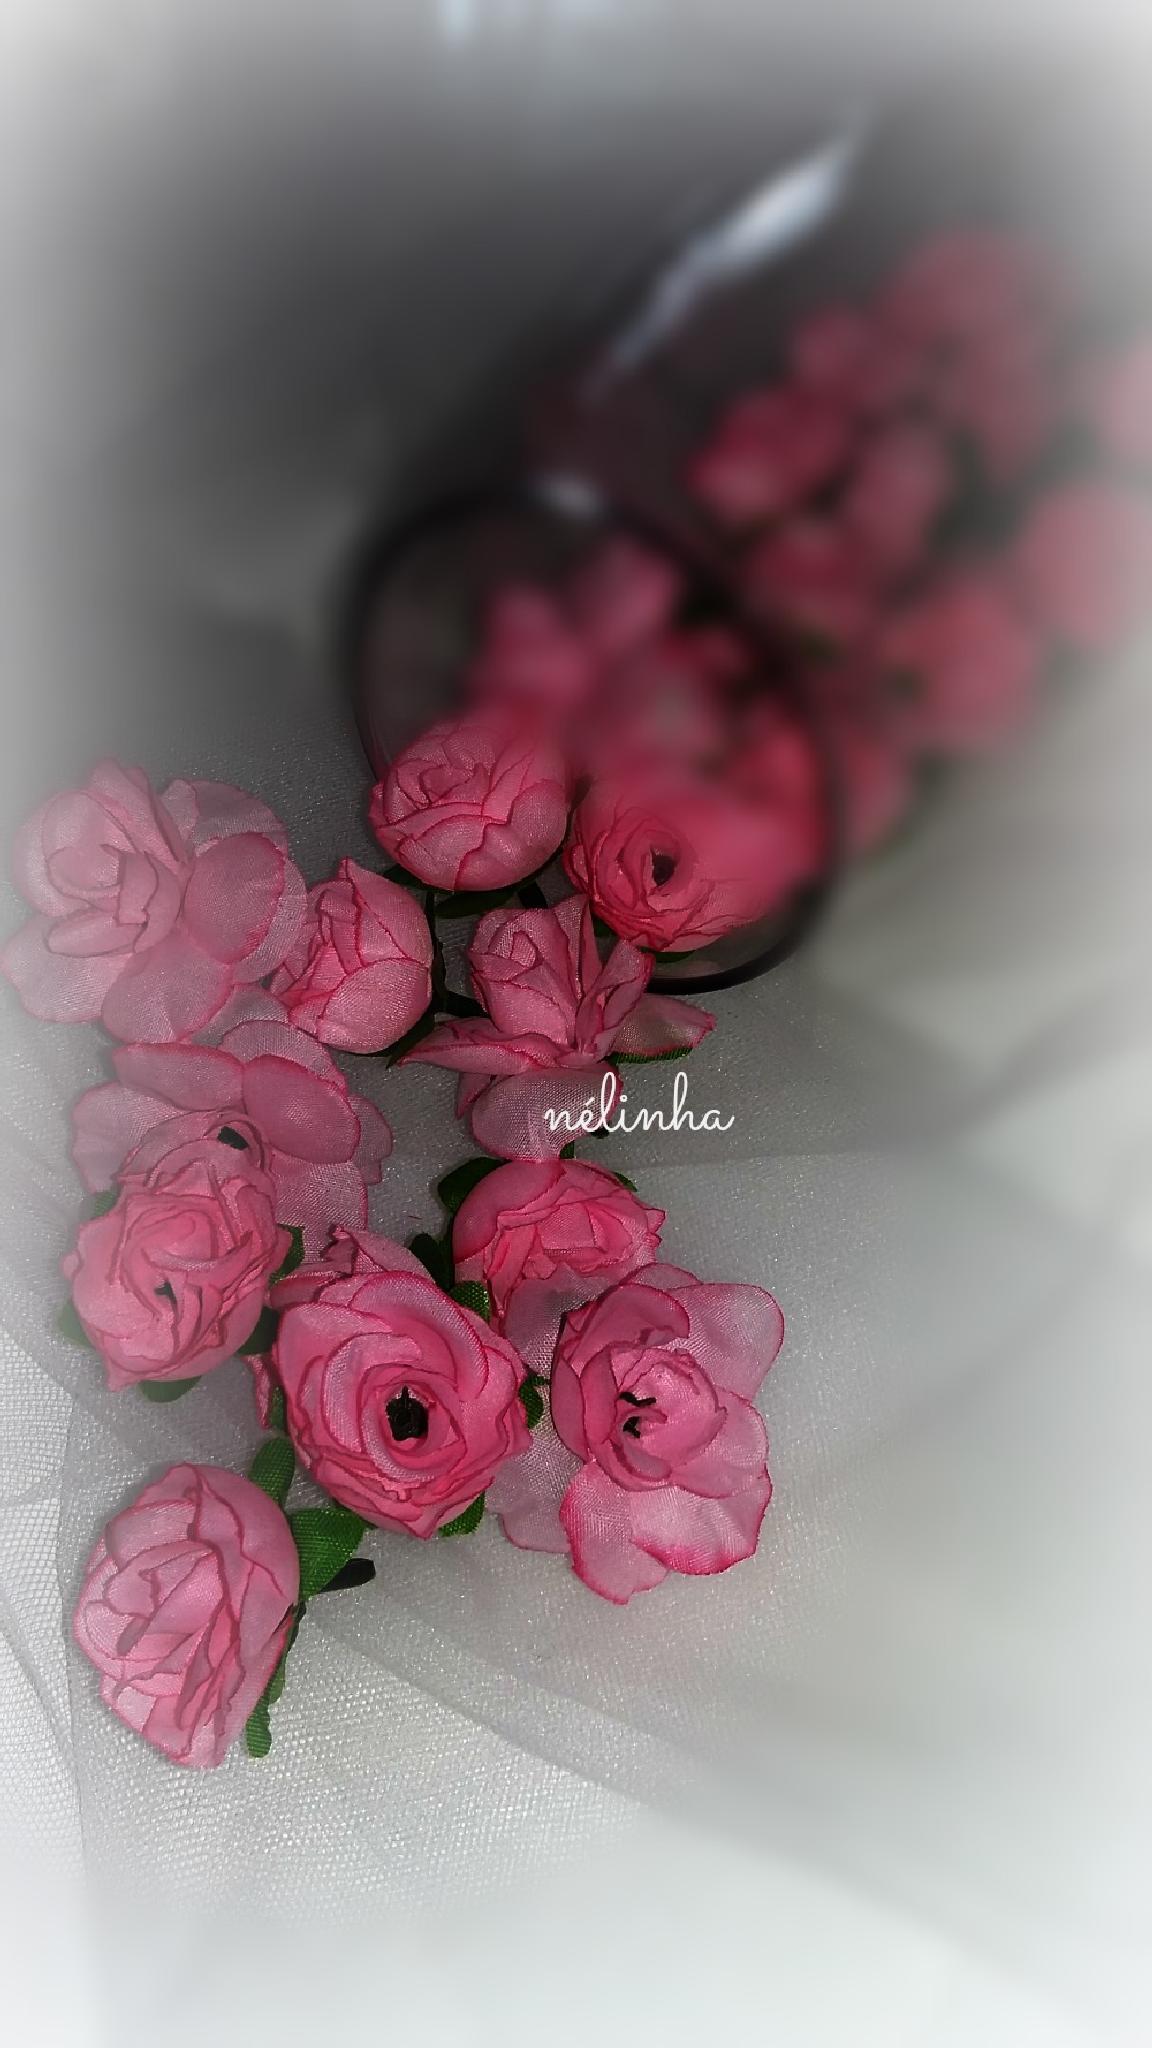 Un regard posé sur une fleur, s'est une journée remplie de Bonheur by Nélinha